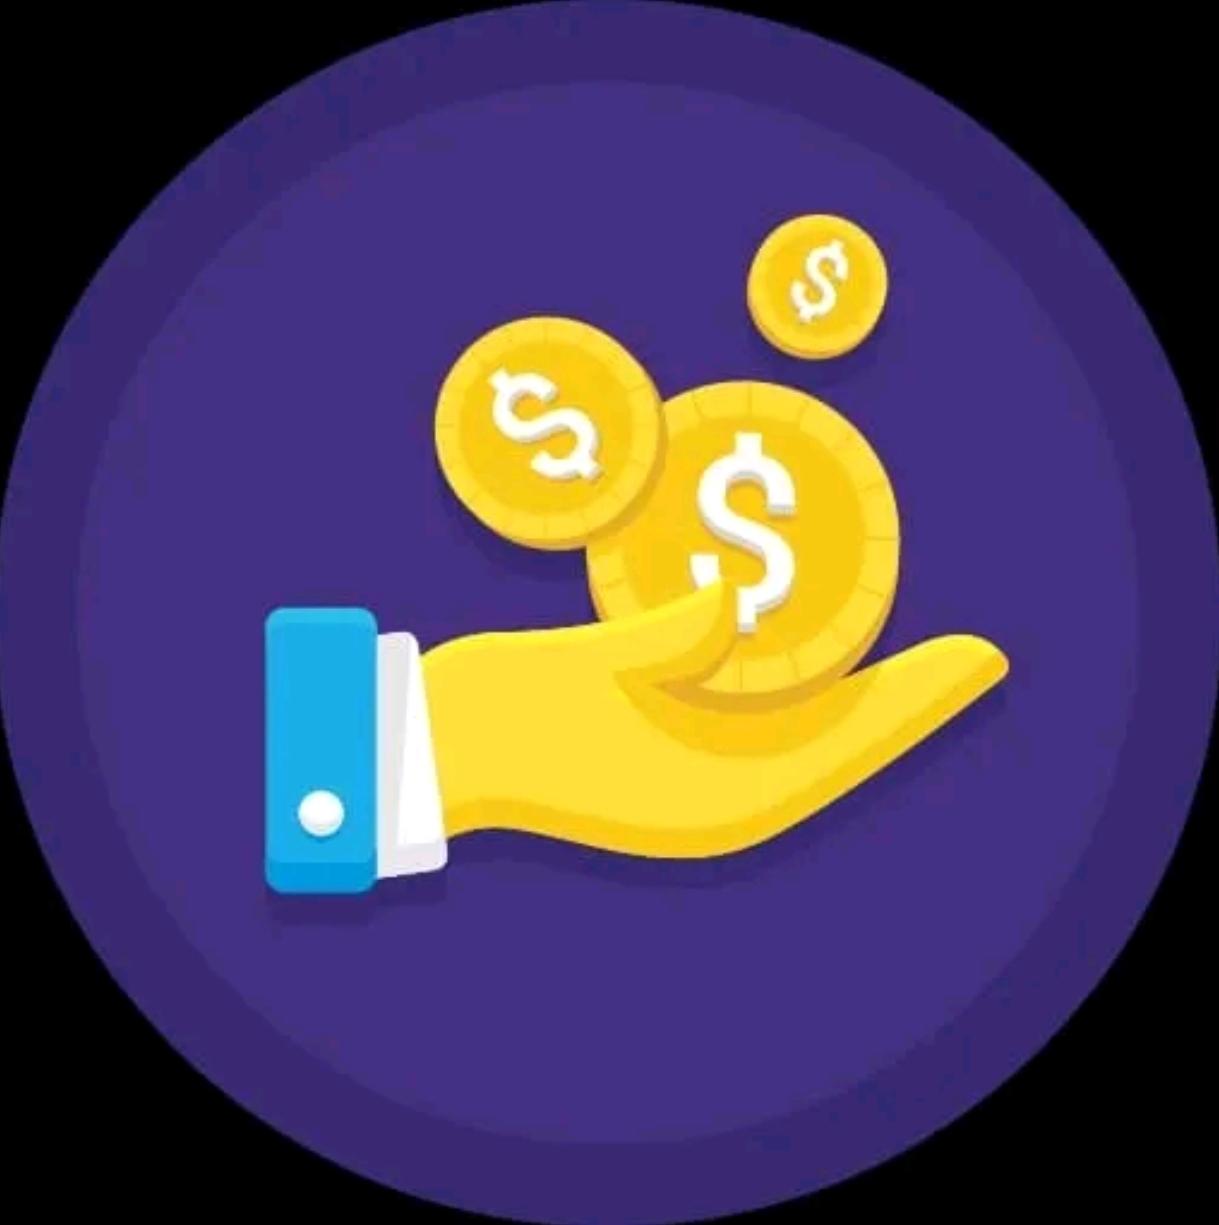 Chapaa ChapChap loan app